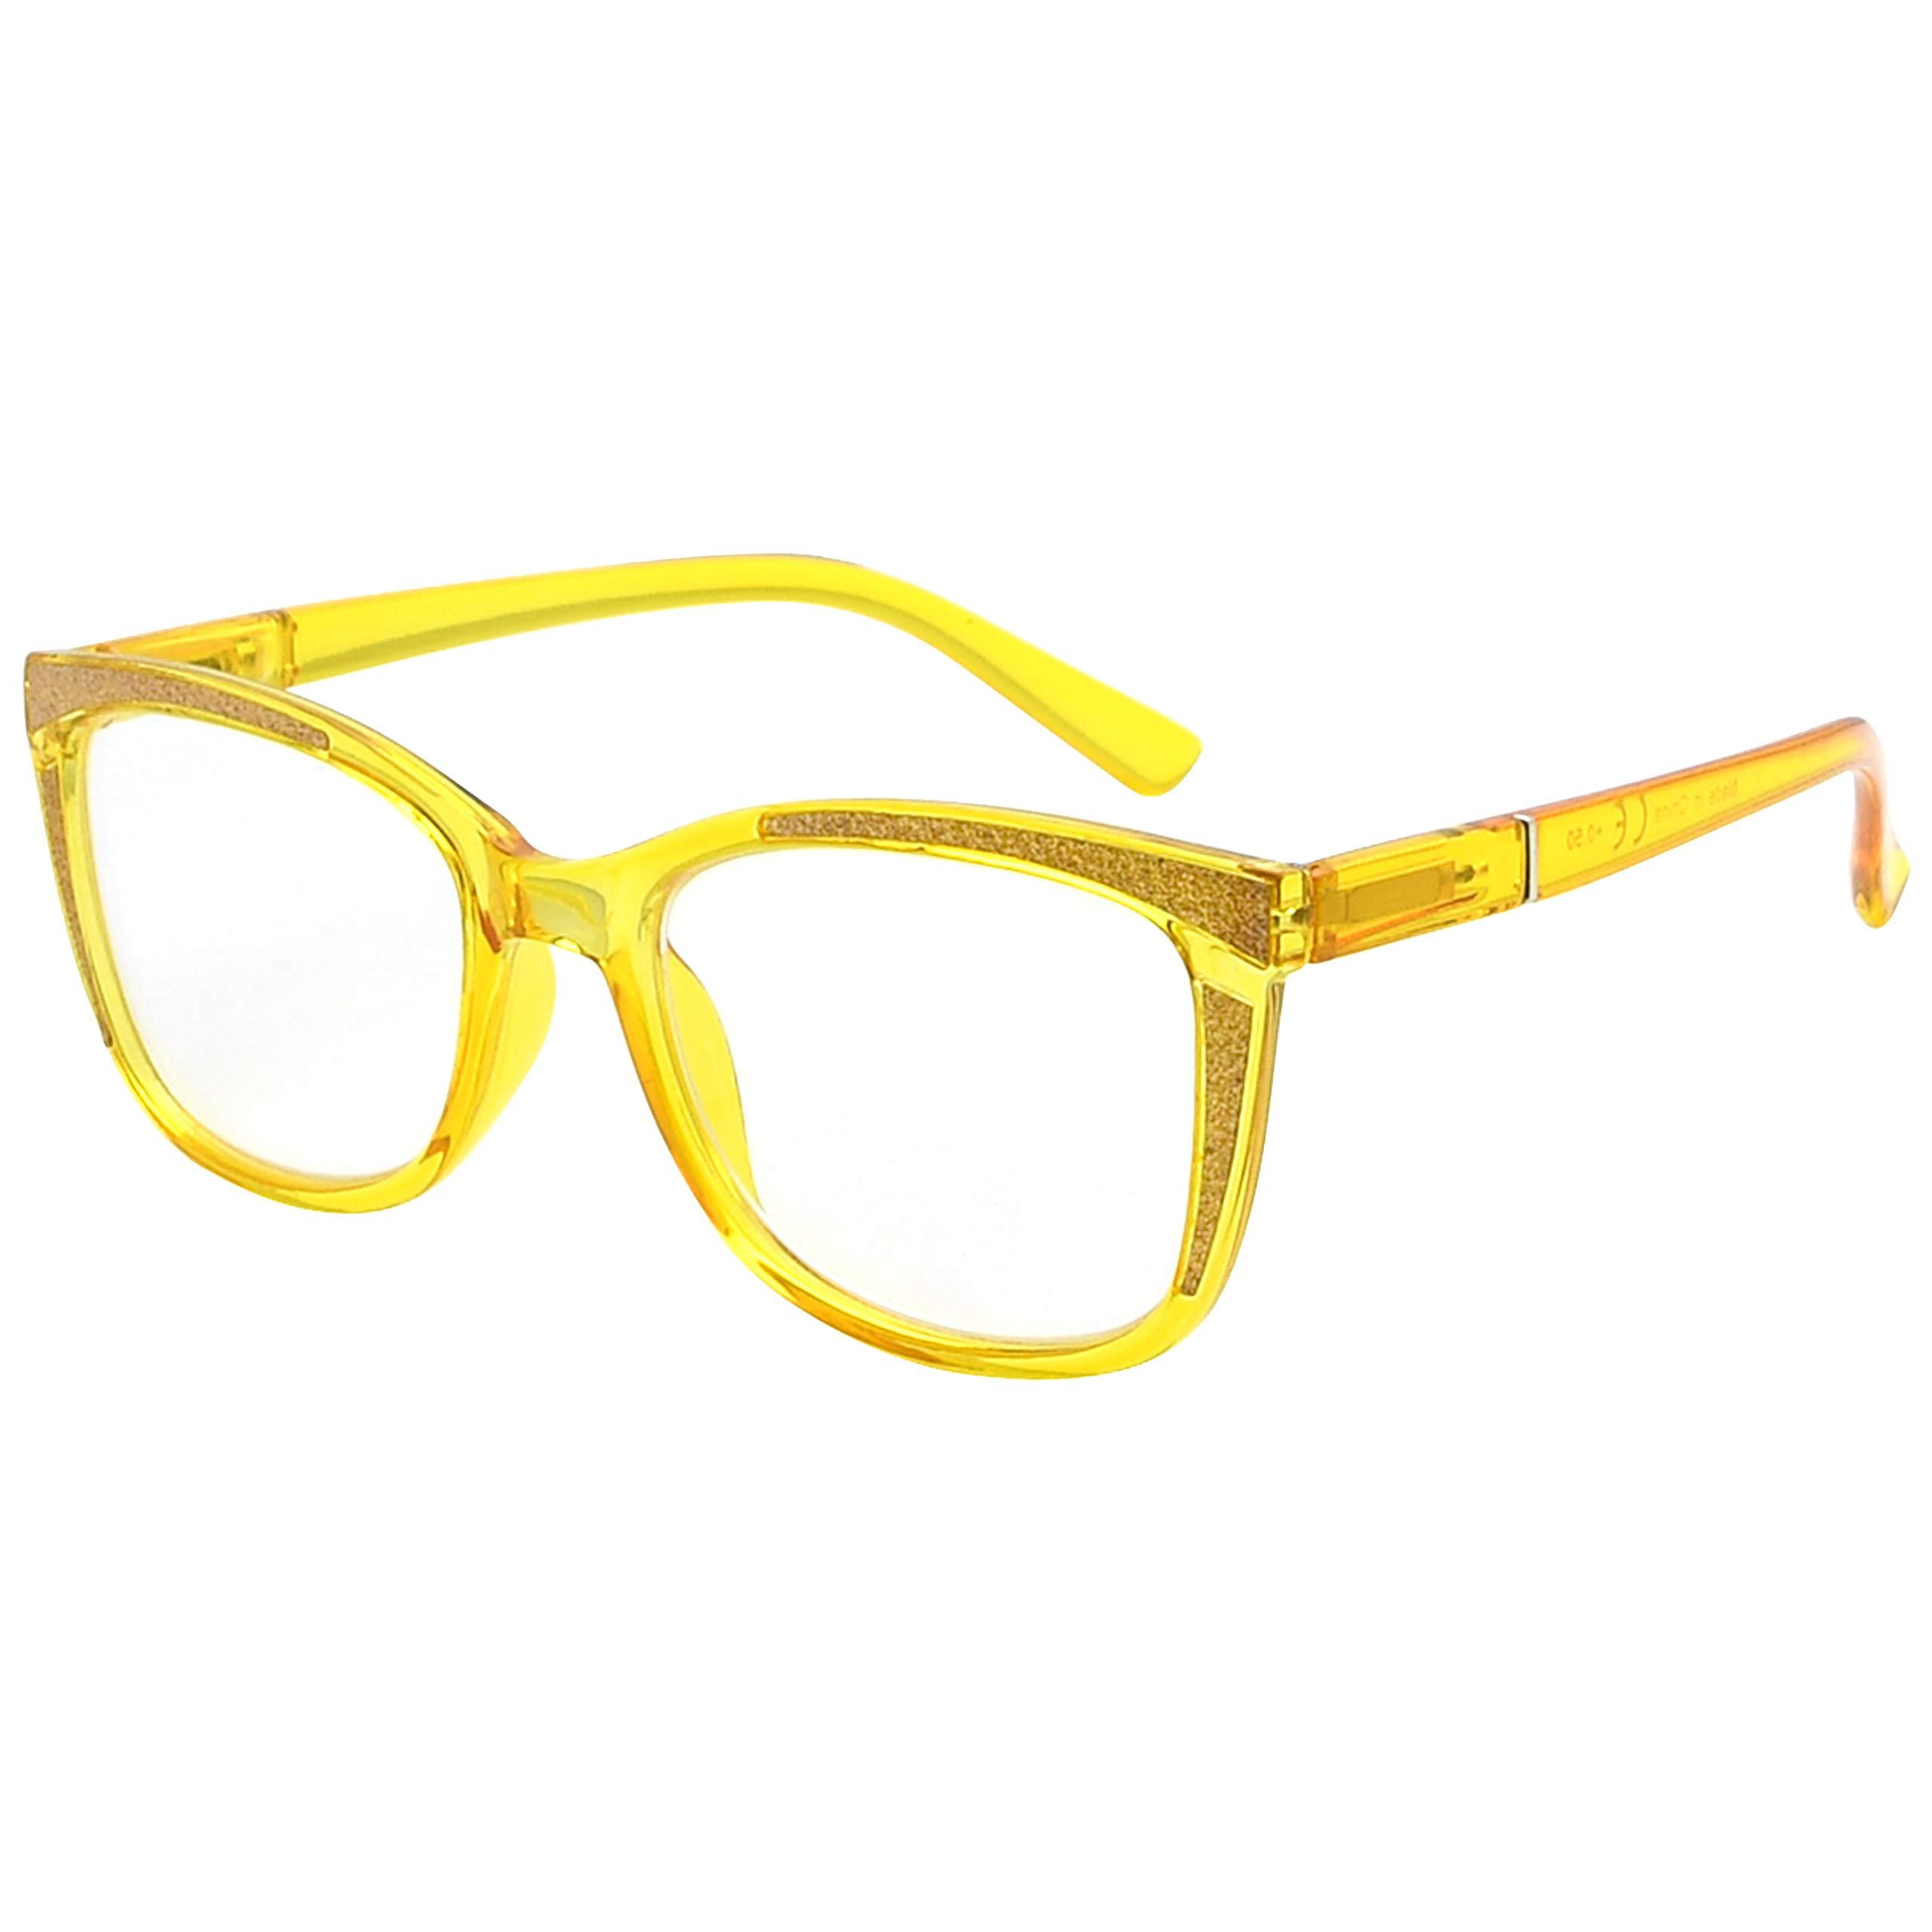 Eyekepper Ladies Reading Glasses Cat-eye Pattern Design Readers for Women